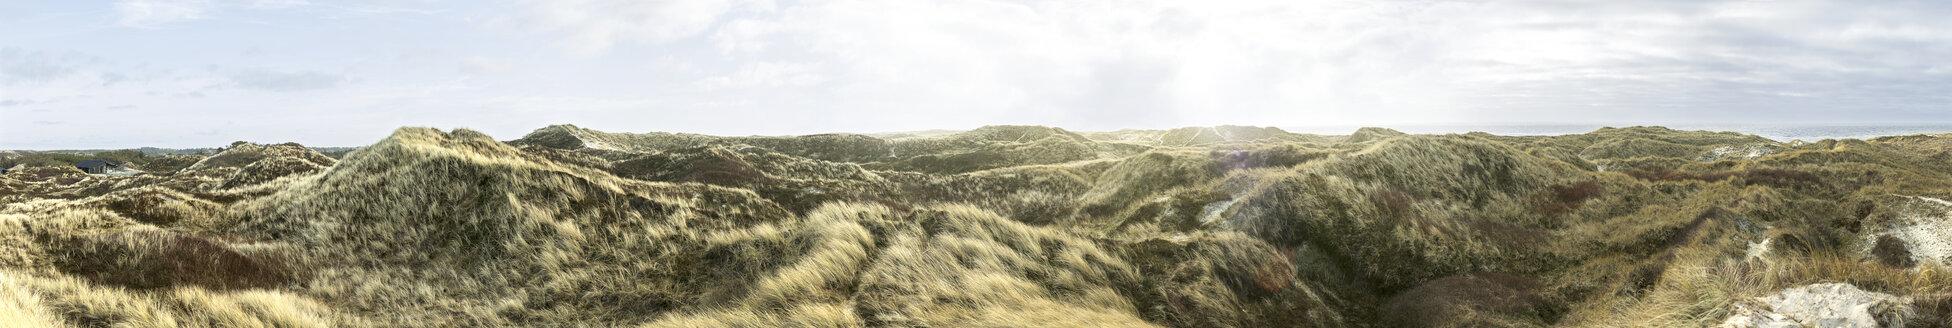 Denmark, Henne Strand, Dune landscape - BMA000218